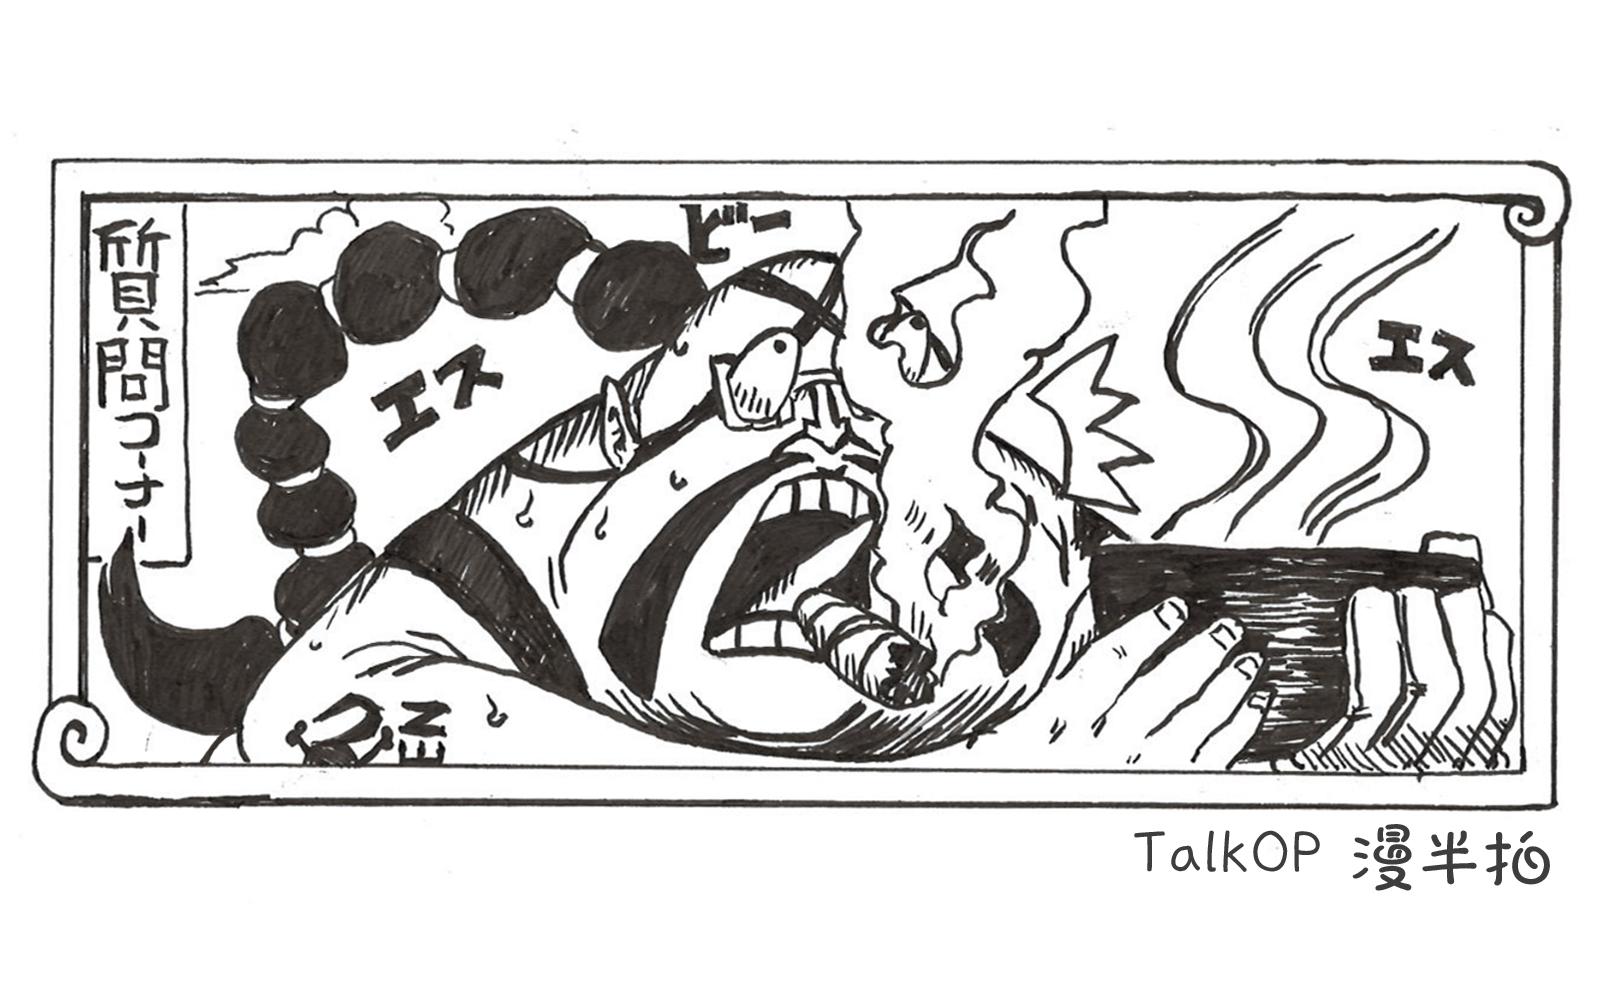 sbs-TalkOP漫半拍.jpg